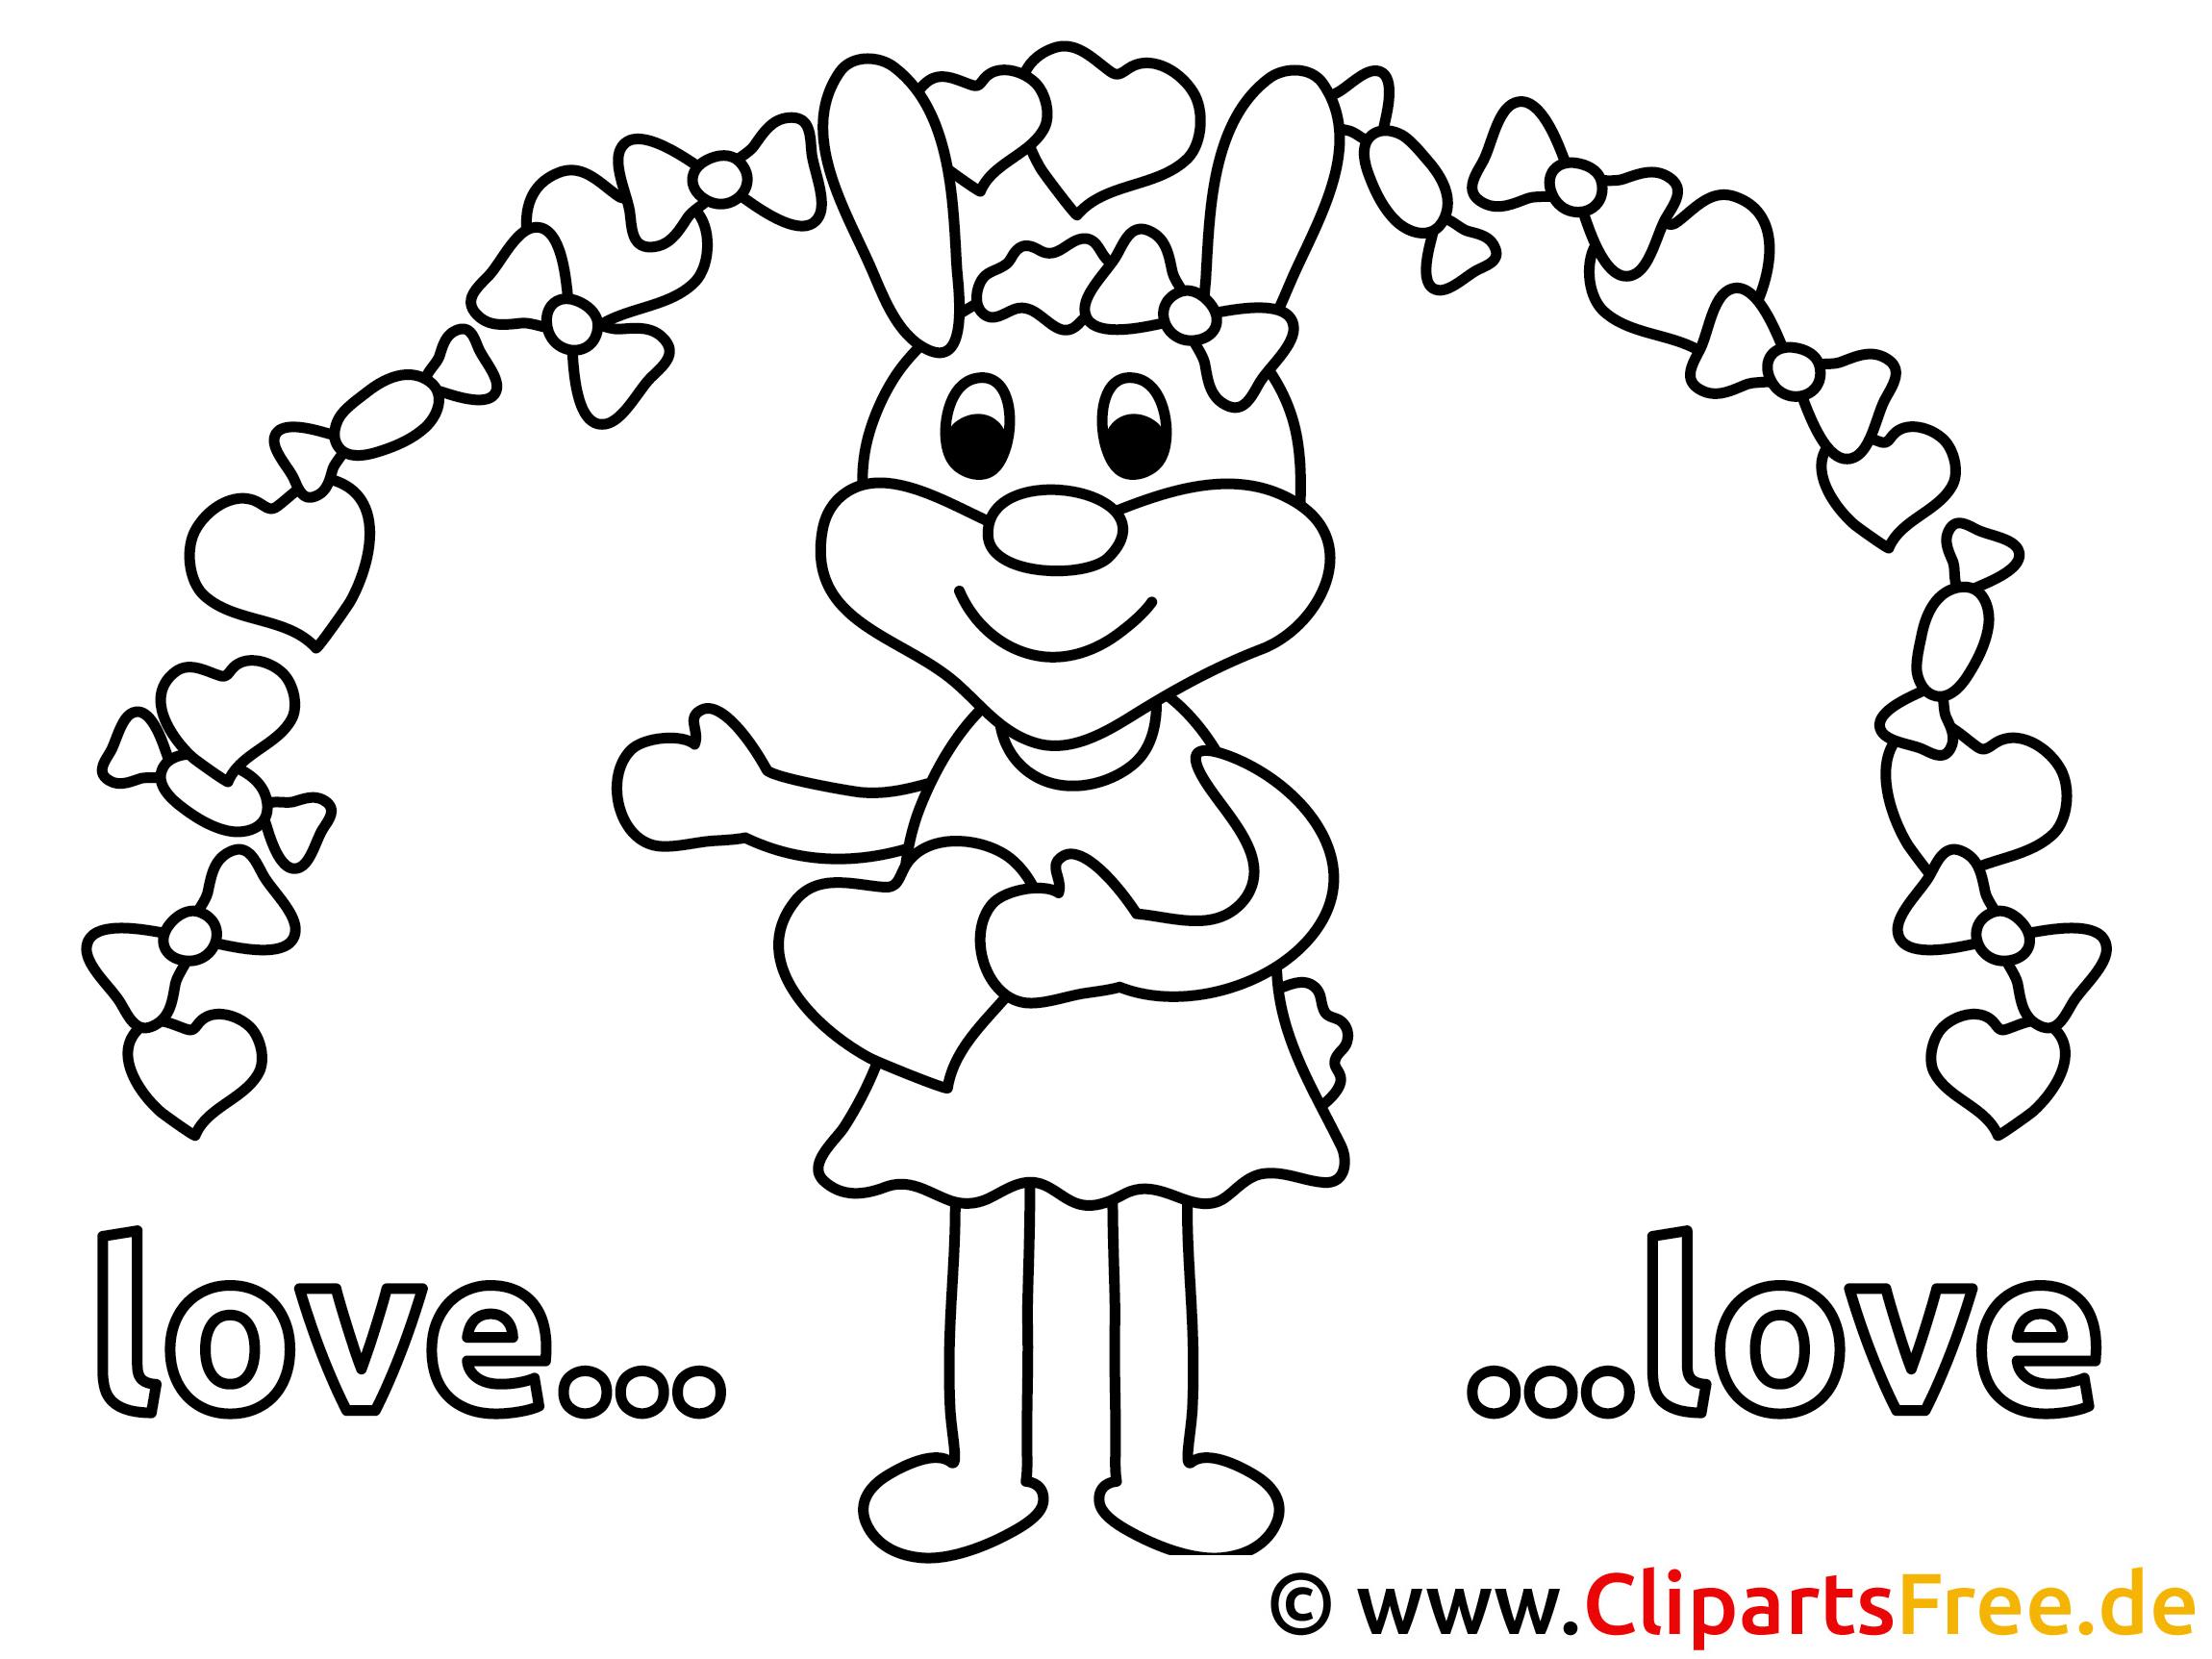 Verliebter Hase Ausmalbilder kostenlos ausdrucken